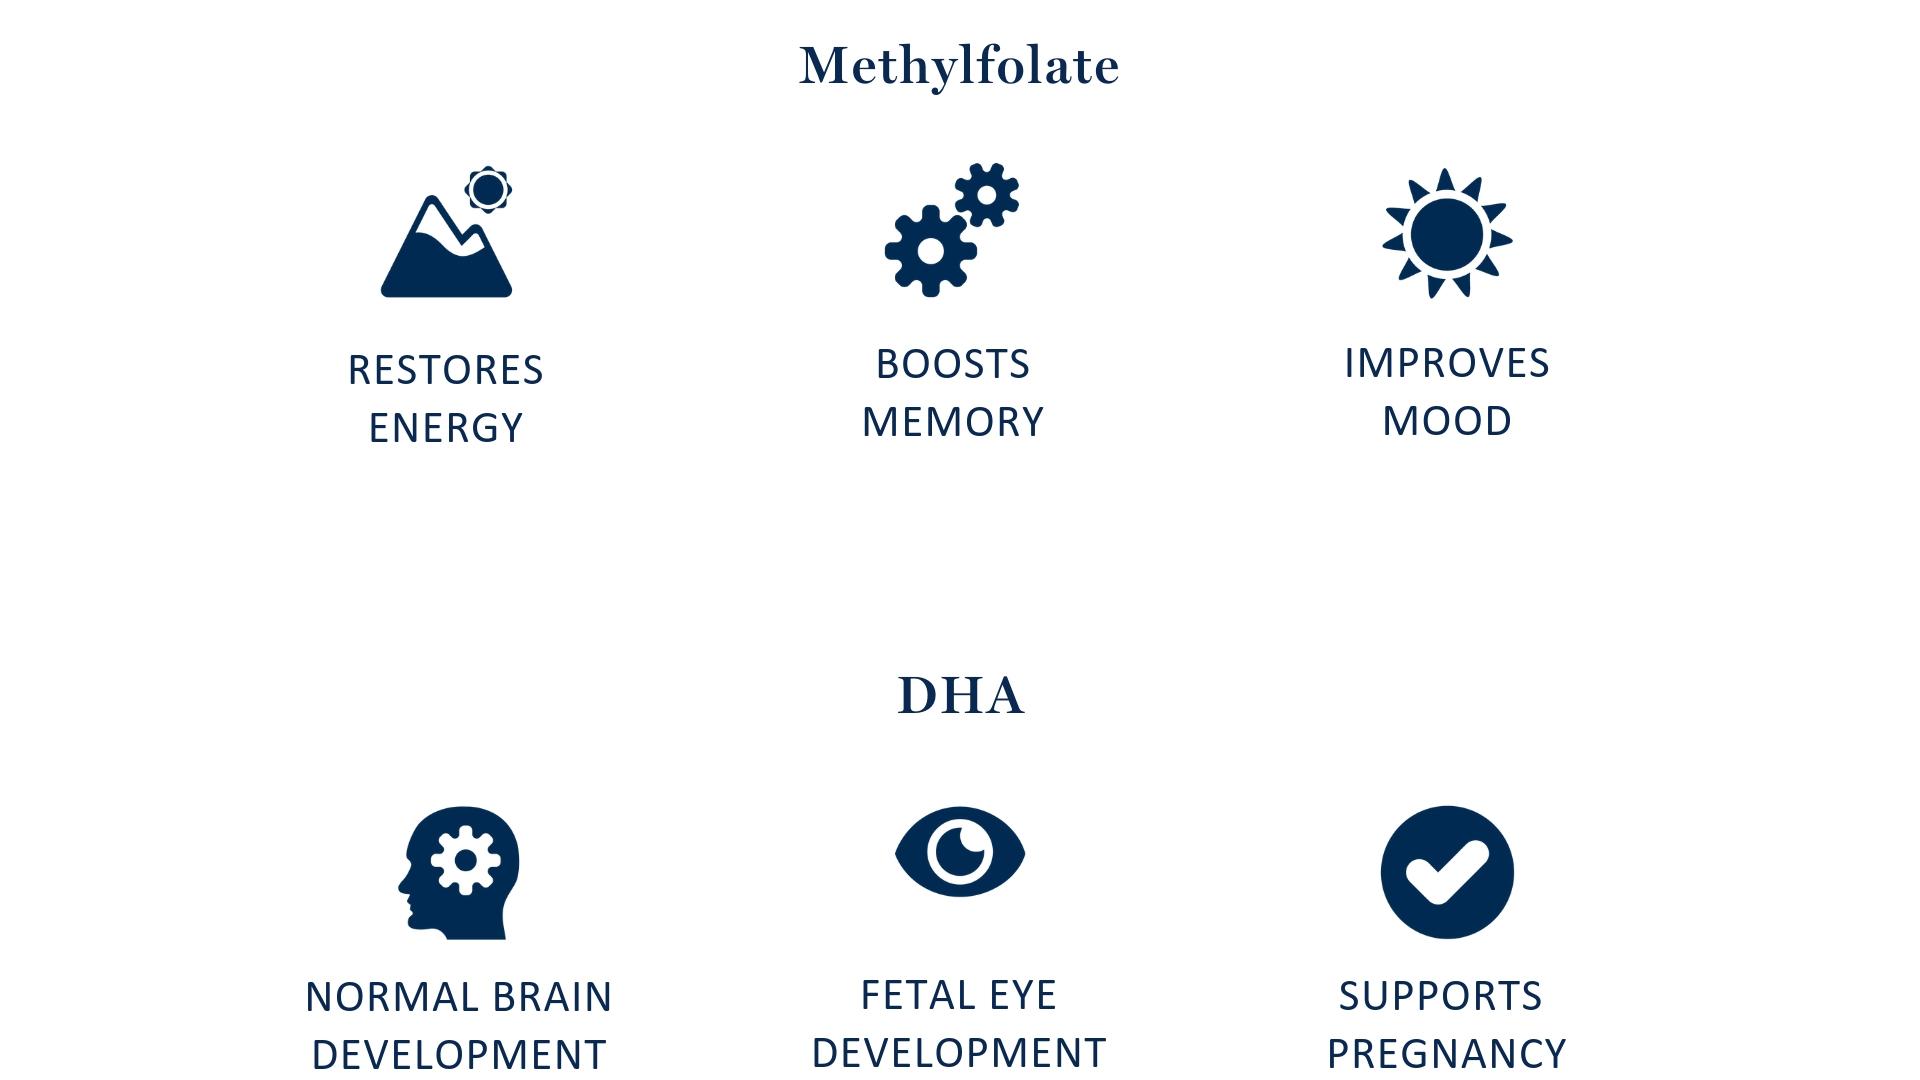 Benefits of Methylfolate & DHA